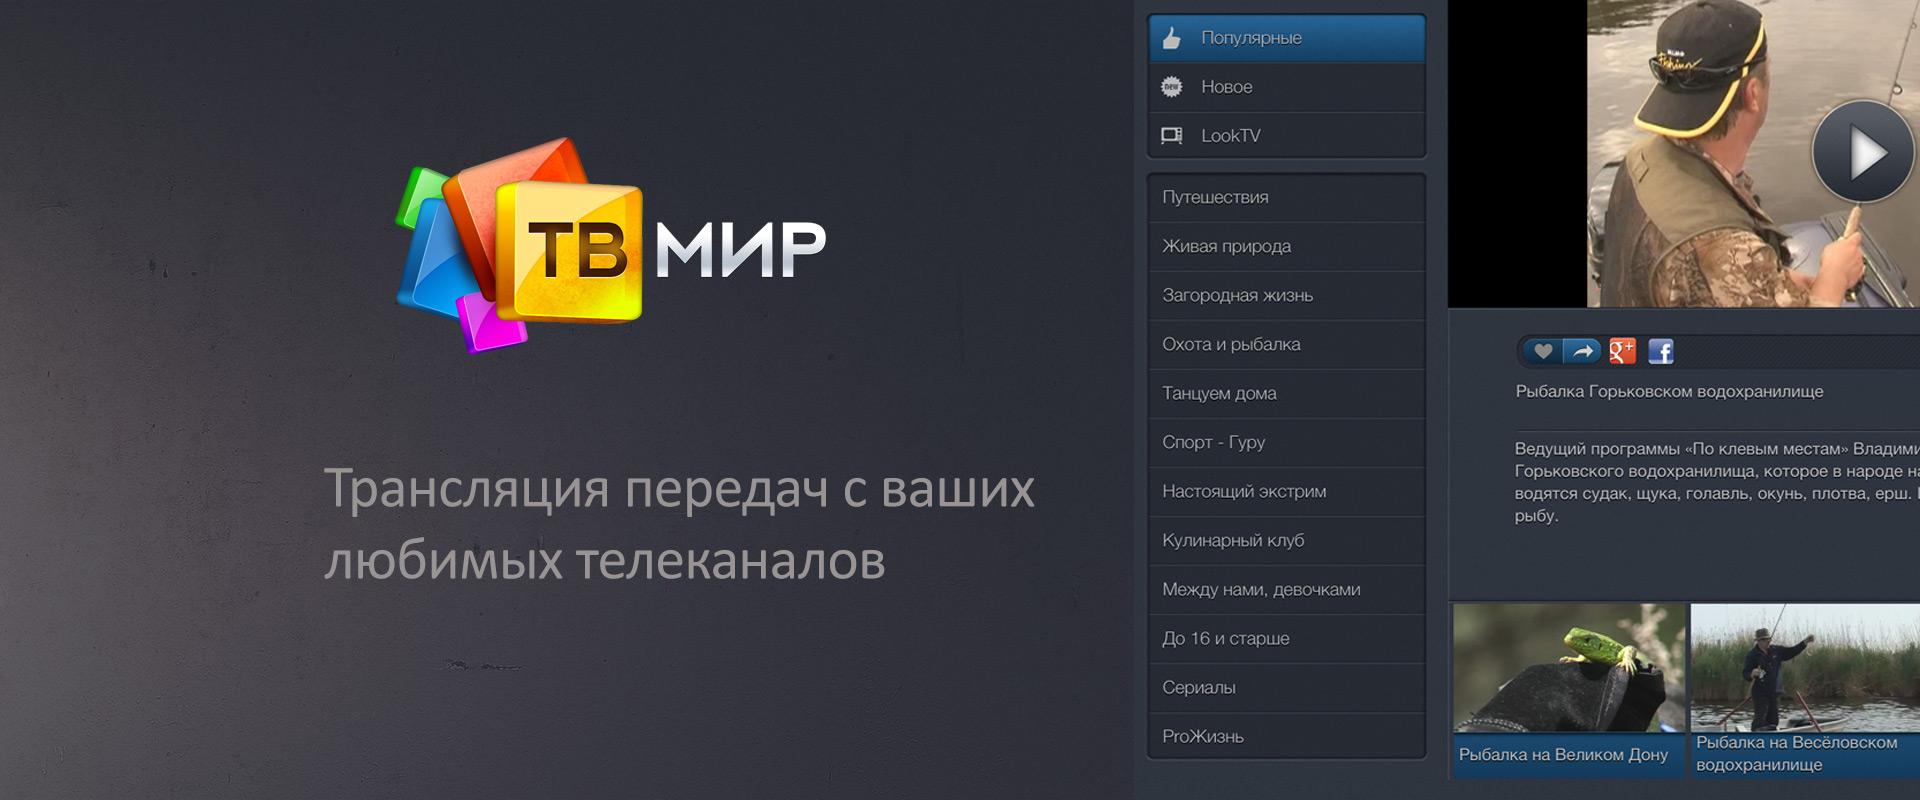 slide_app_tvmir_ru